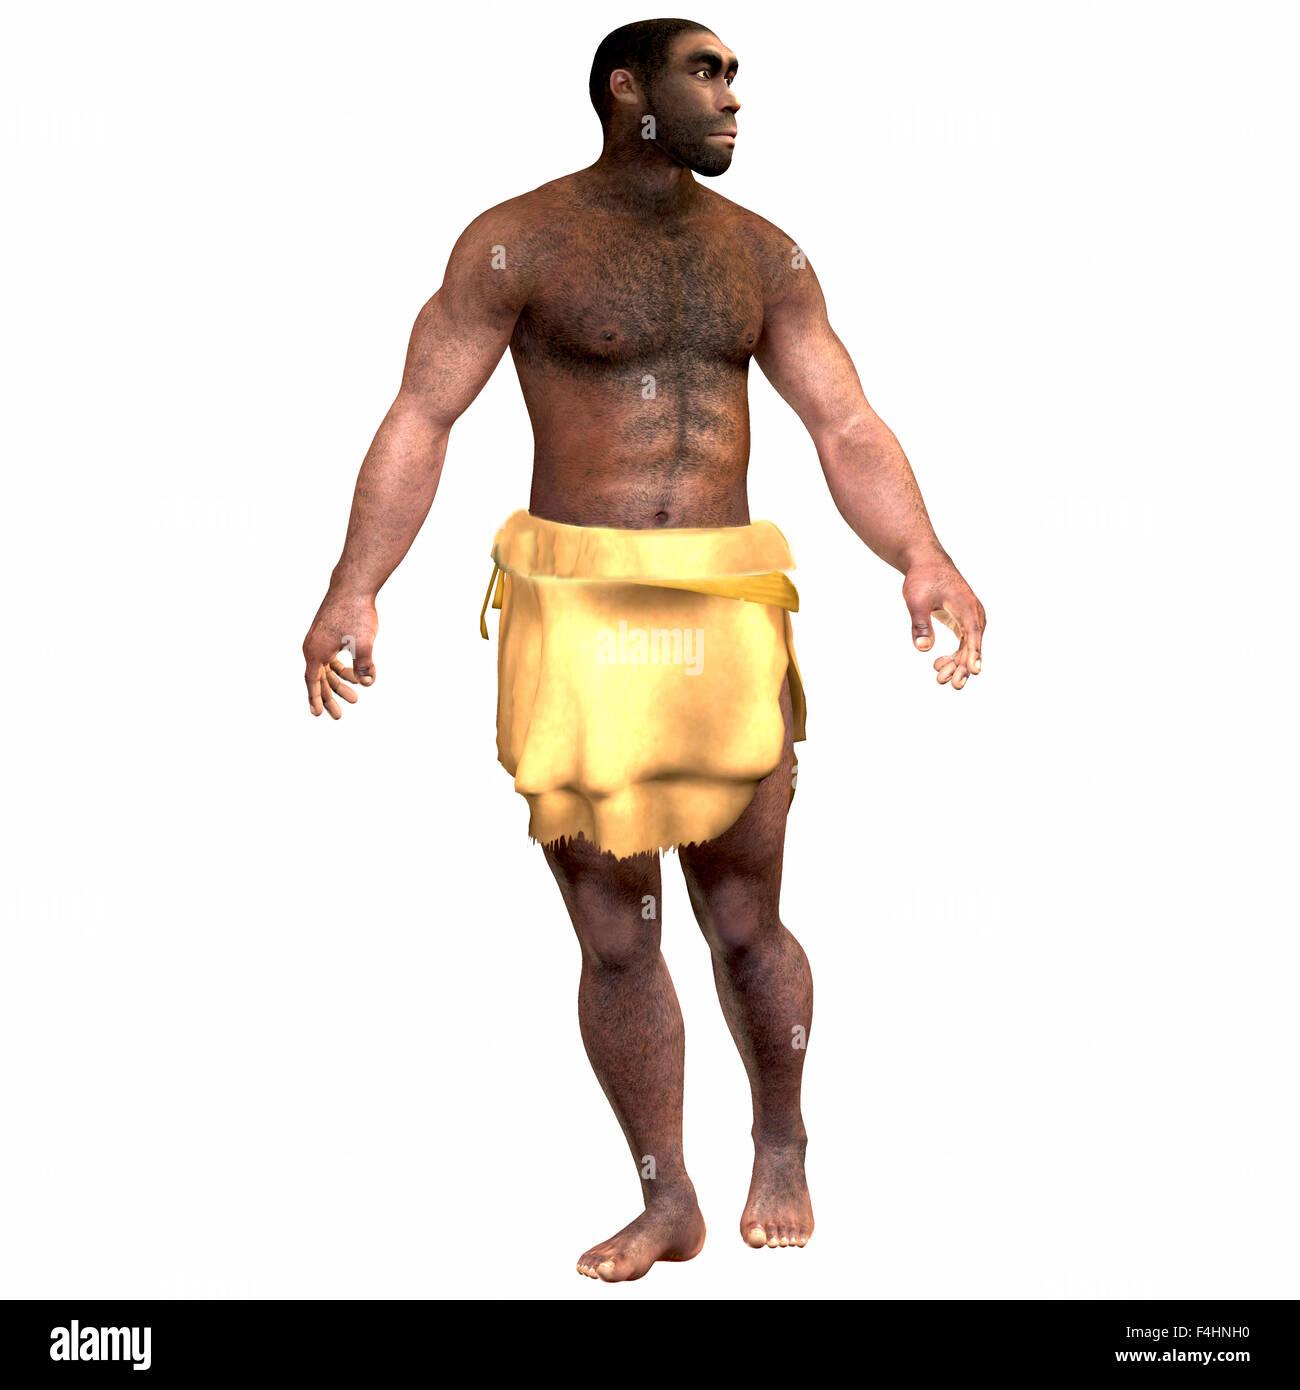 L'Homo Erectus est une espèce de l'espèce humaine qui a vécu durant la période pléistocène en Eurasie et en Afrique. Banque D'Images